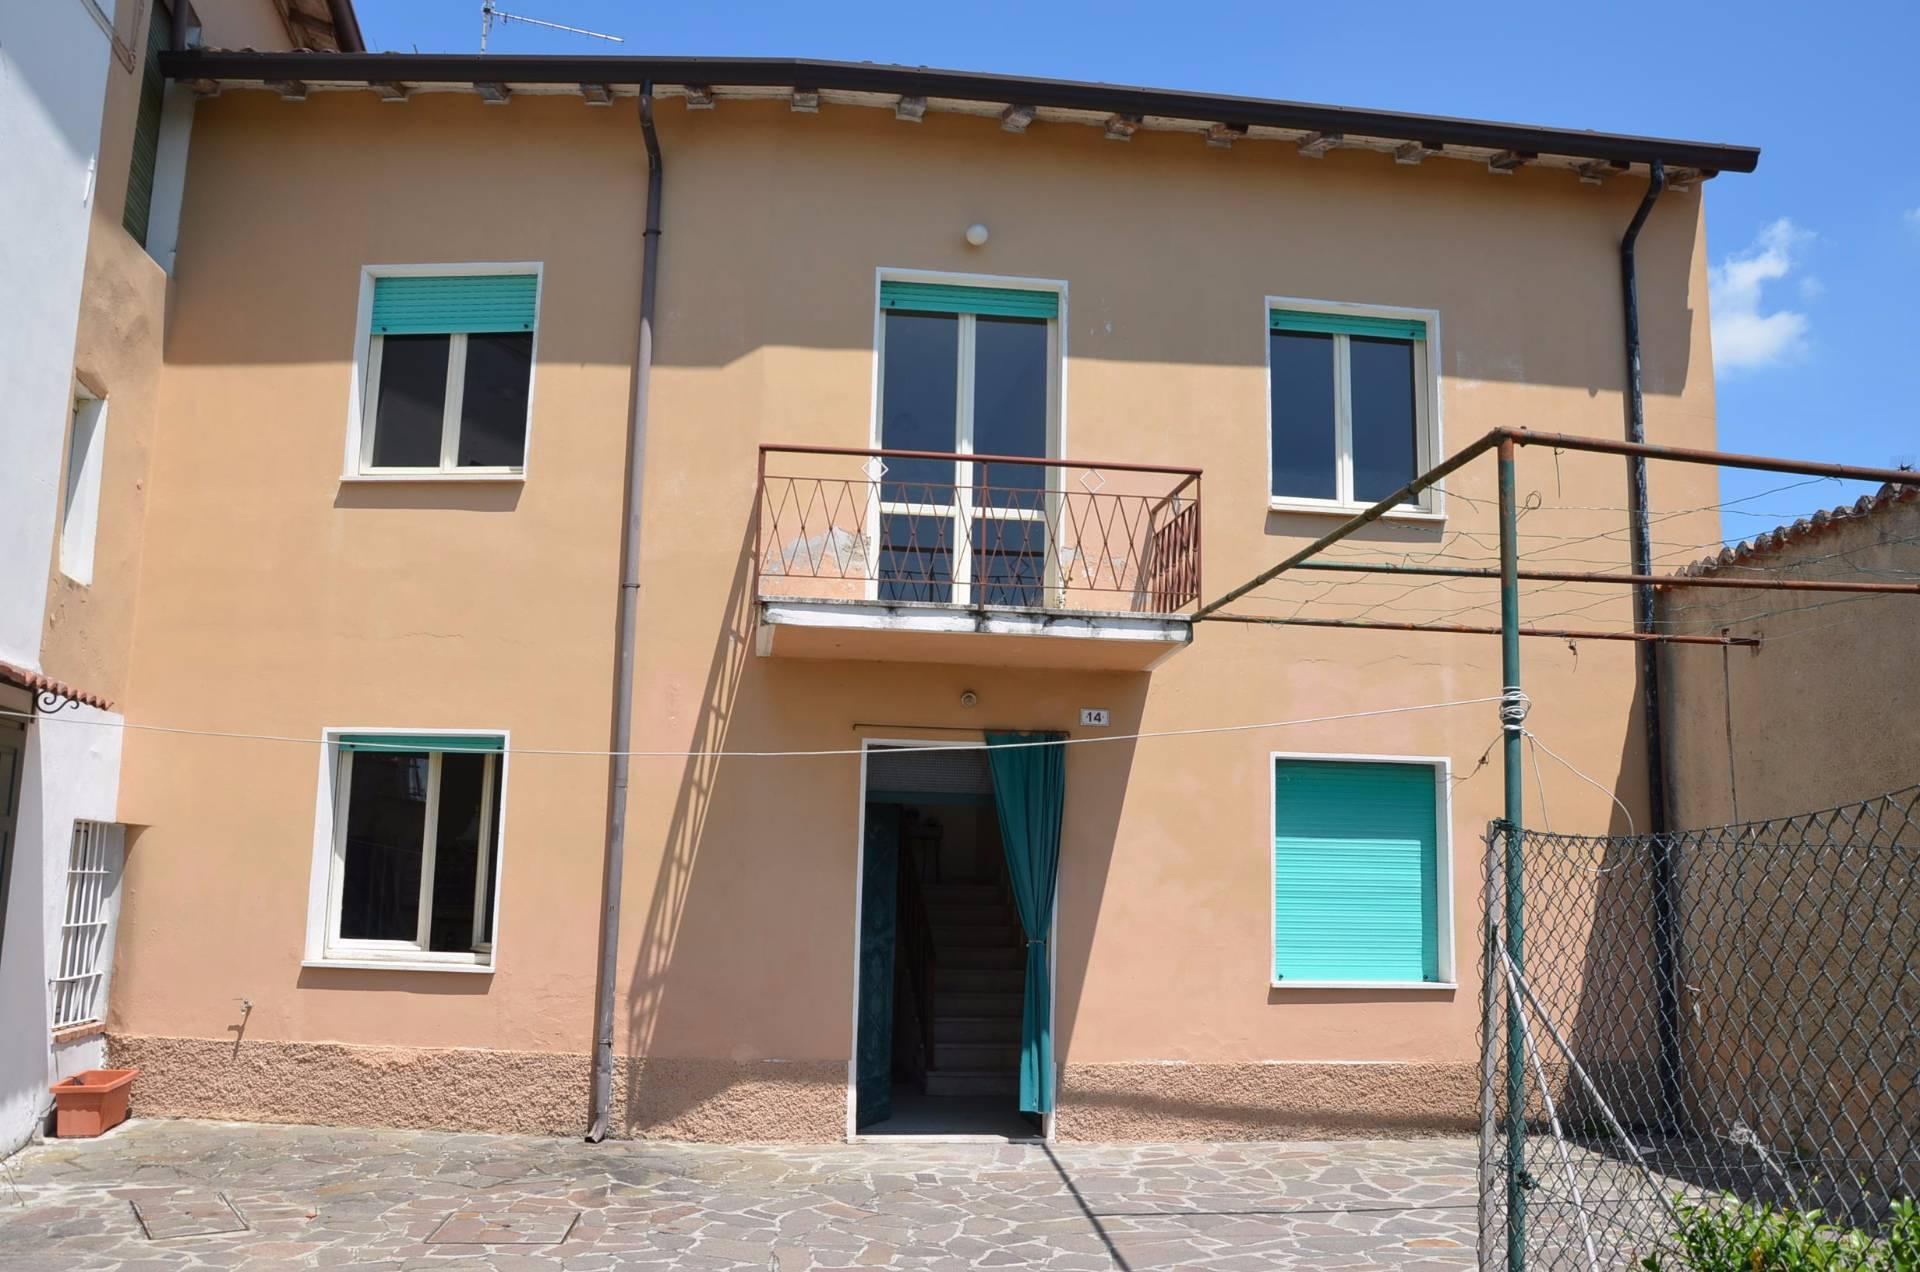 Rustico / Casale in vendita a Solferino, 4 locali, prezzo € 89.000 | PortaleAgenzieImmobiliari.it